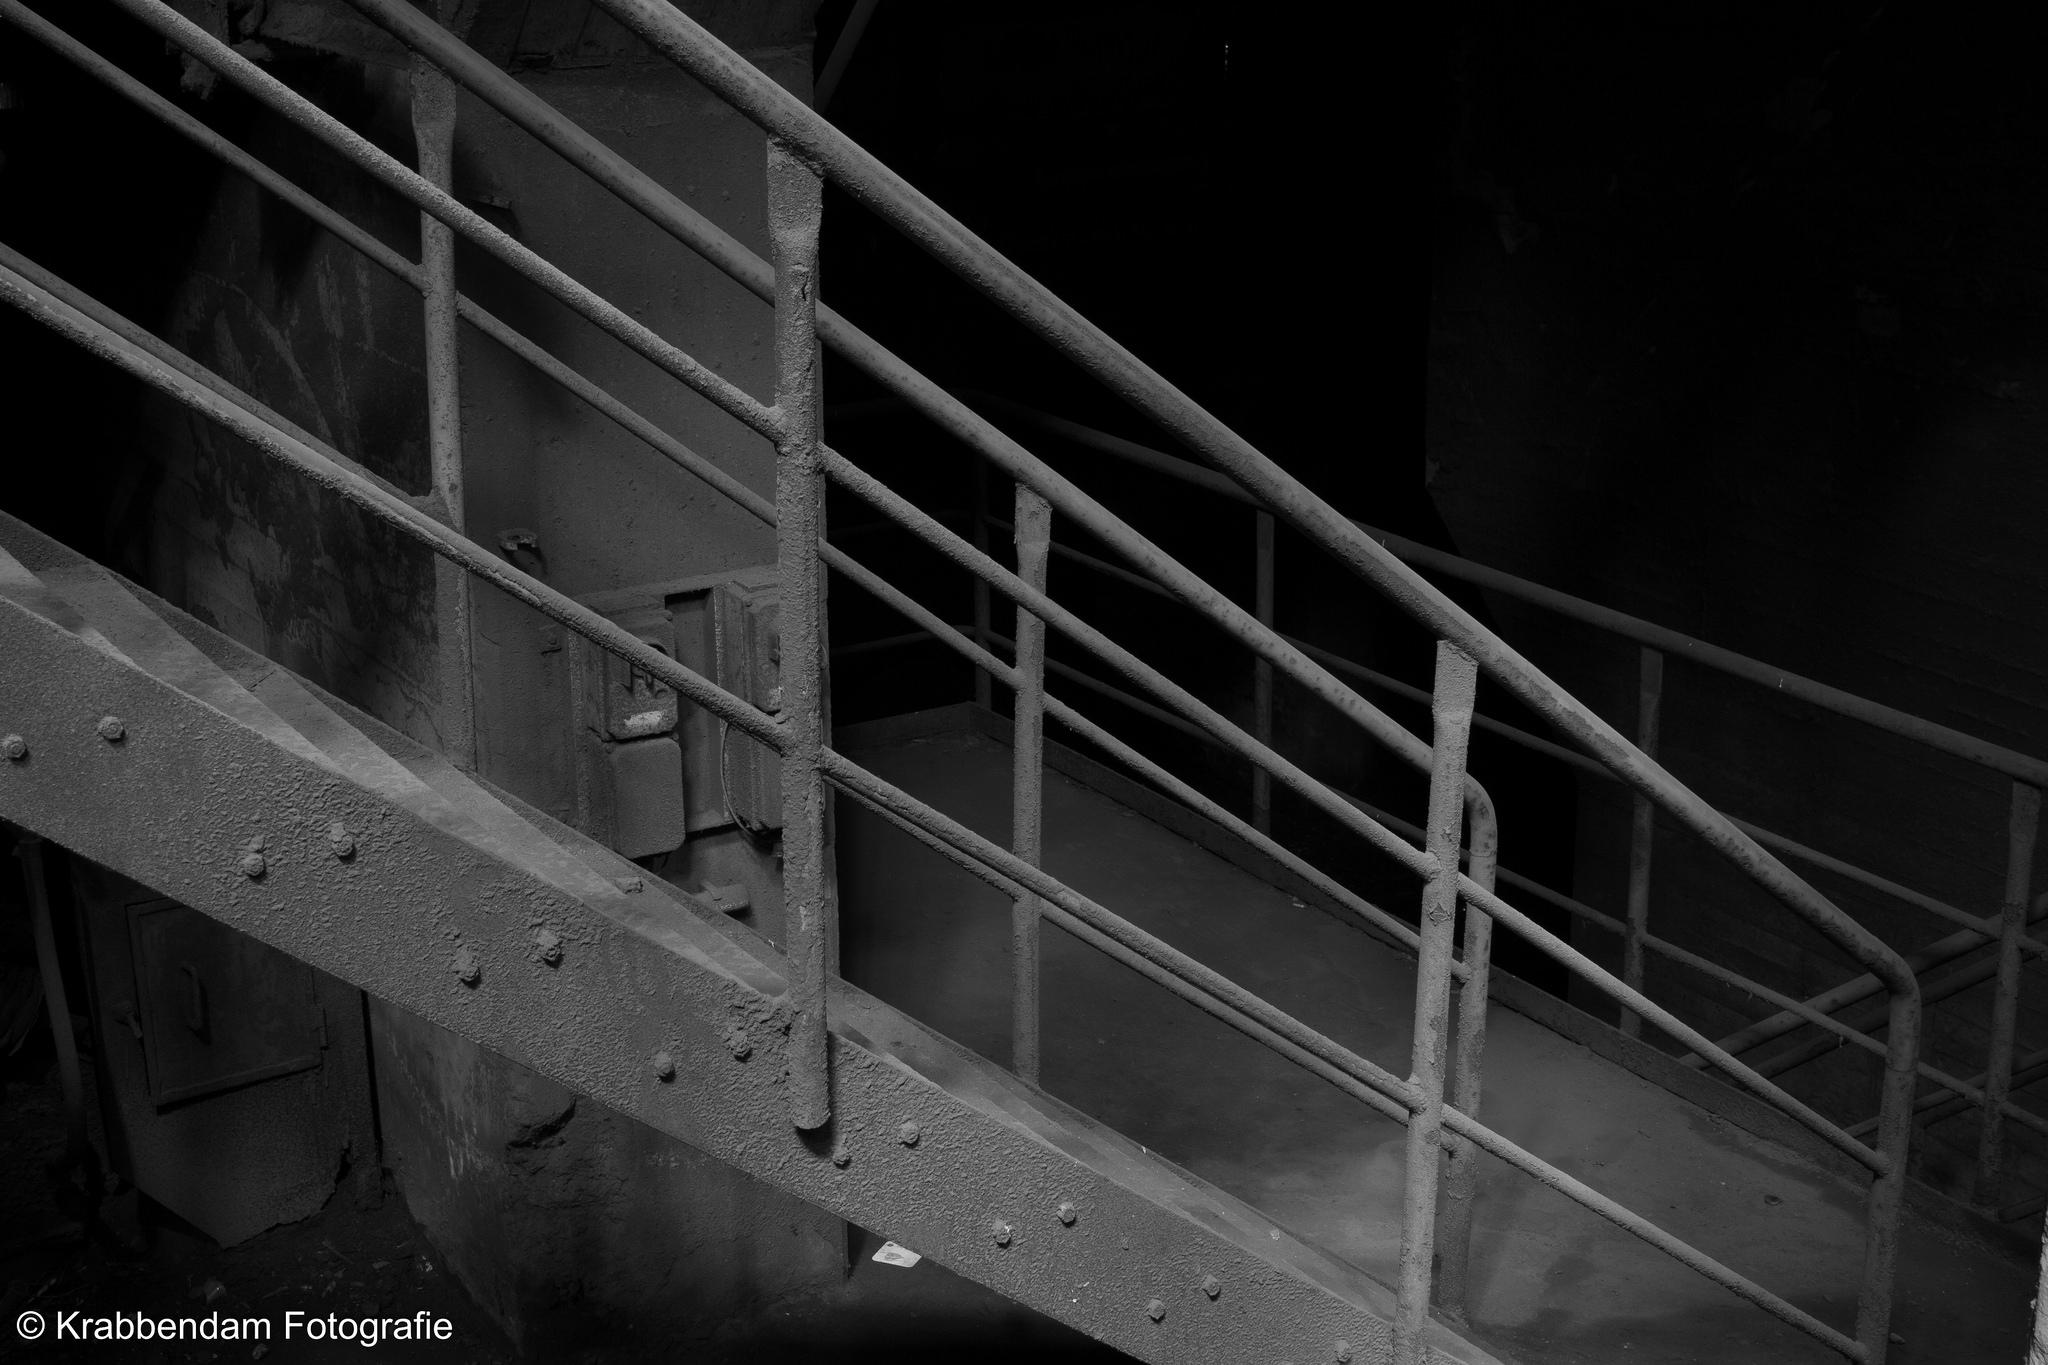 Stairwaytodust-large